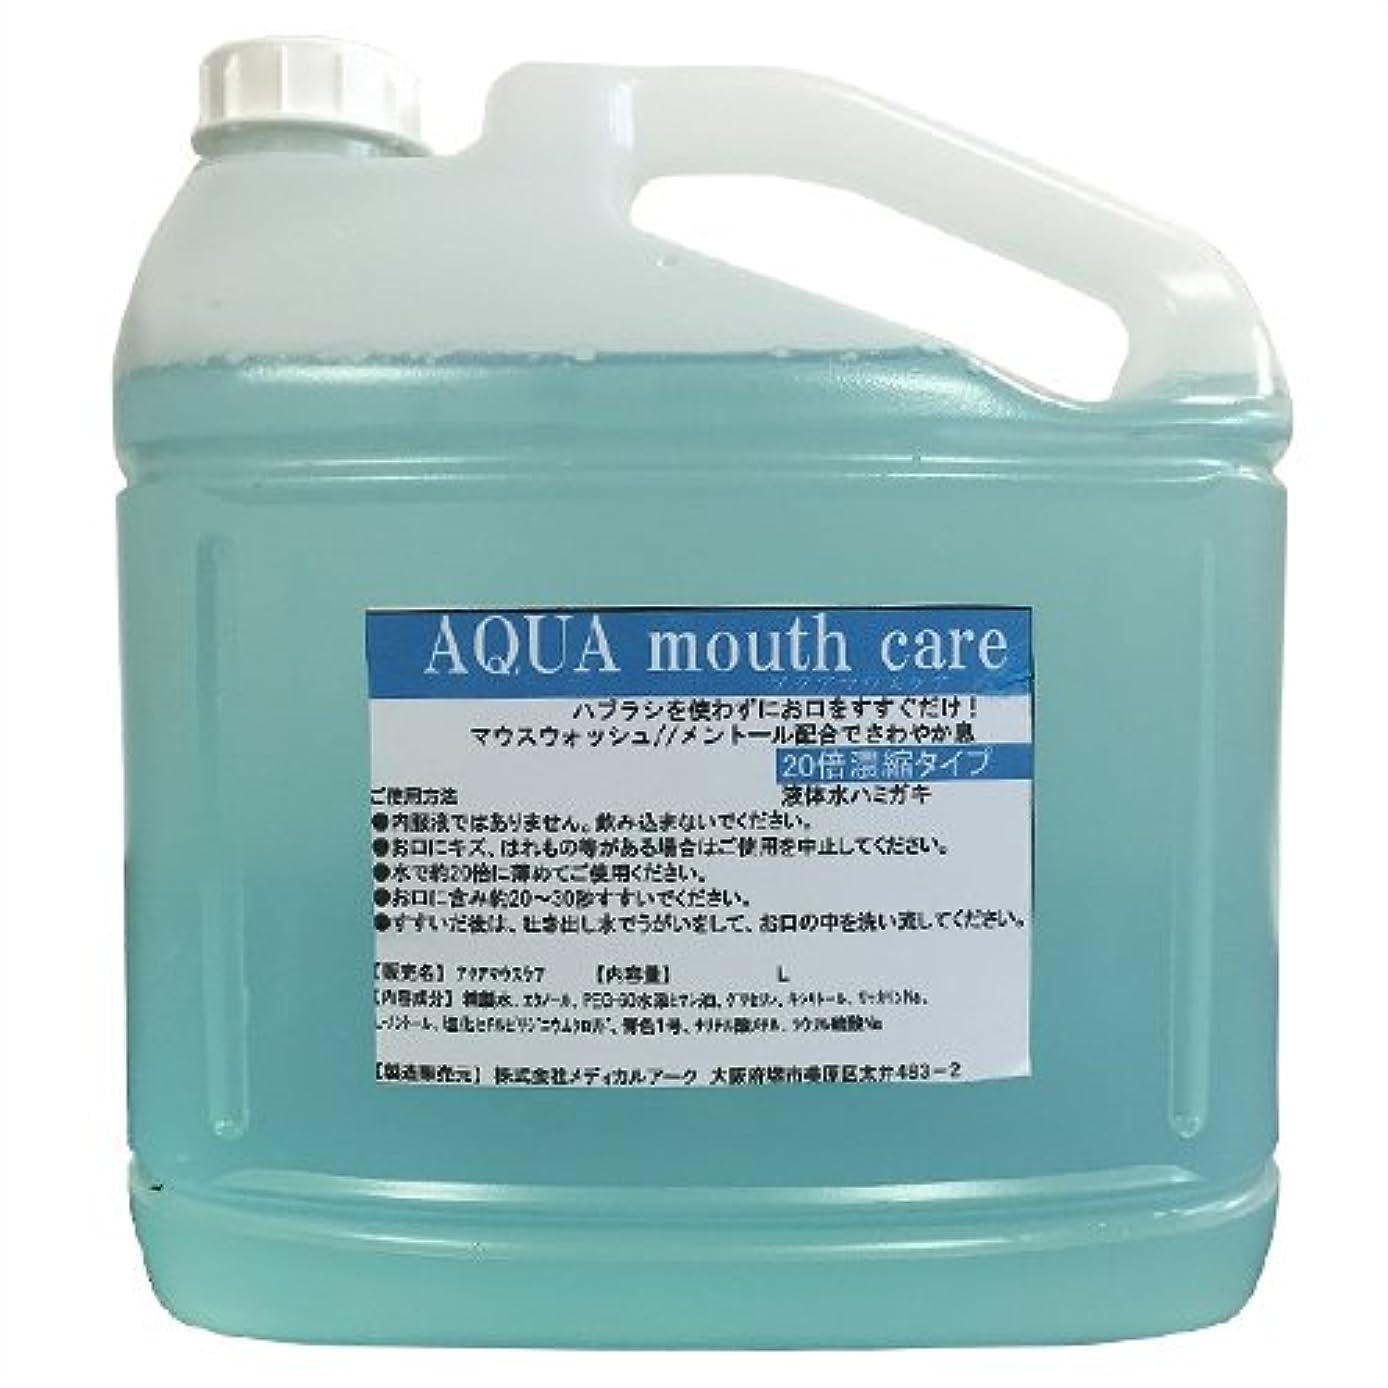 フルーティーモニター反論業務用洗口液 マウスウォッシュ アクアマウスケア (AQUA mouth care) 20倍濃縮タイプ 5L (詰め替えコック付き)